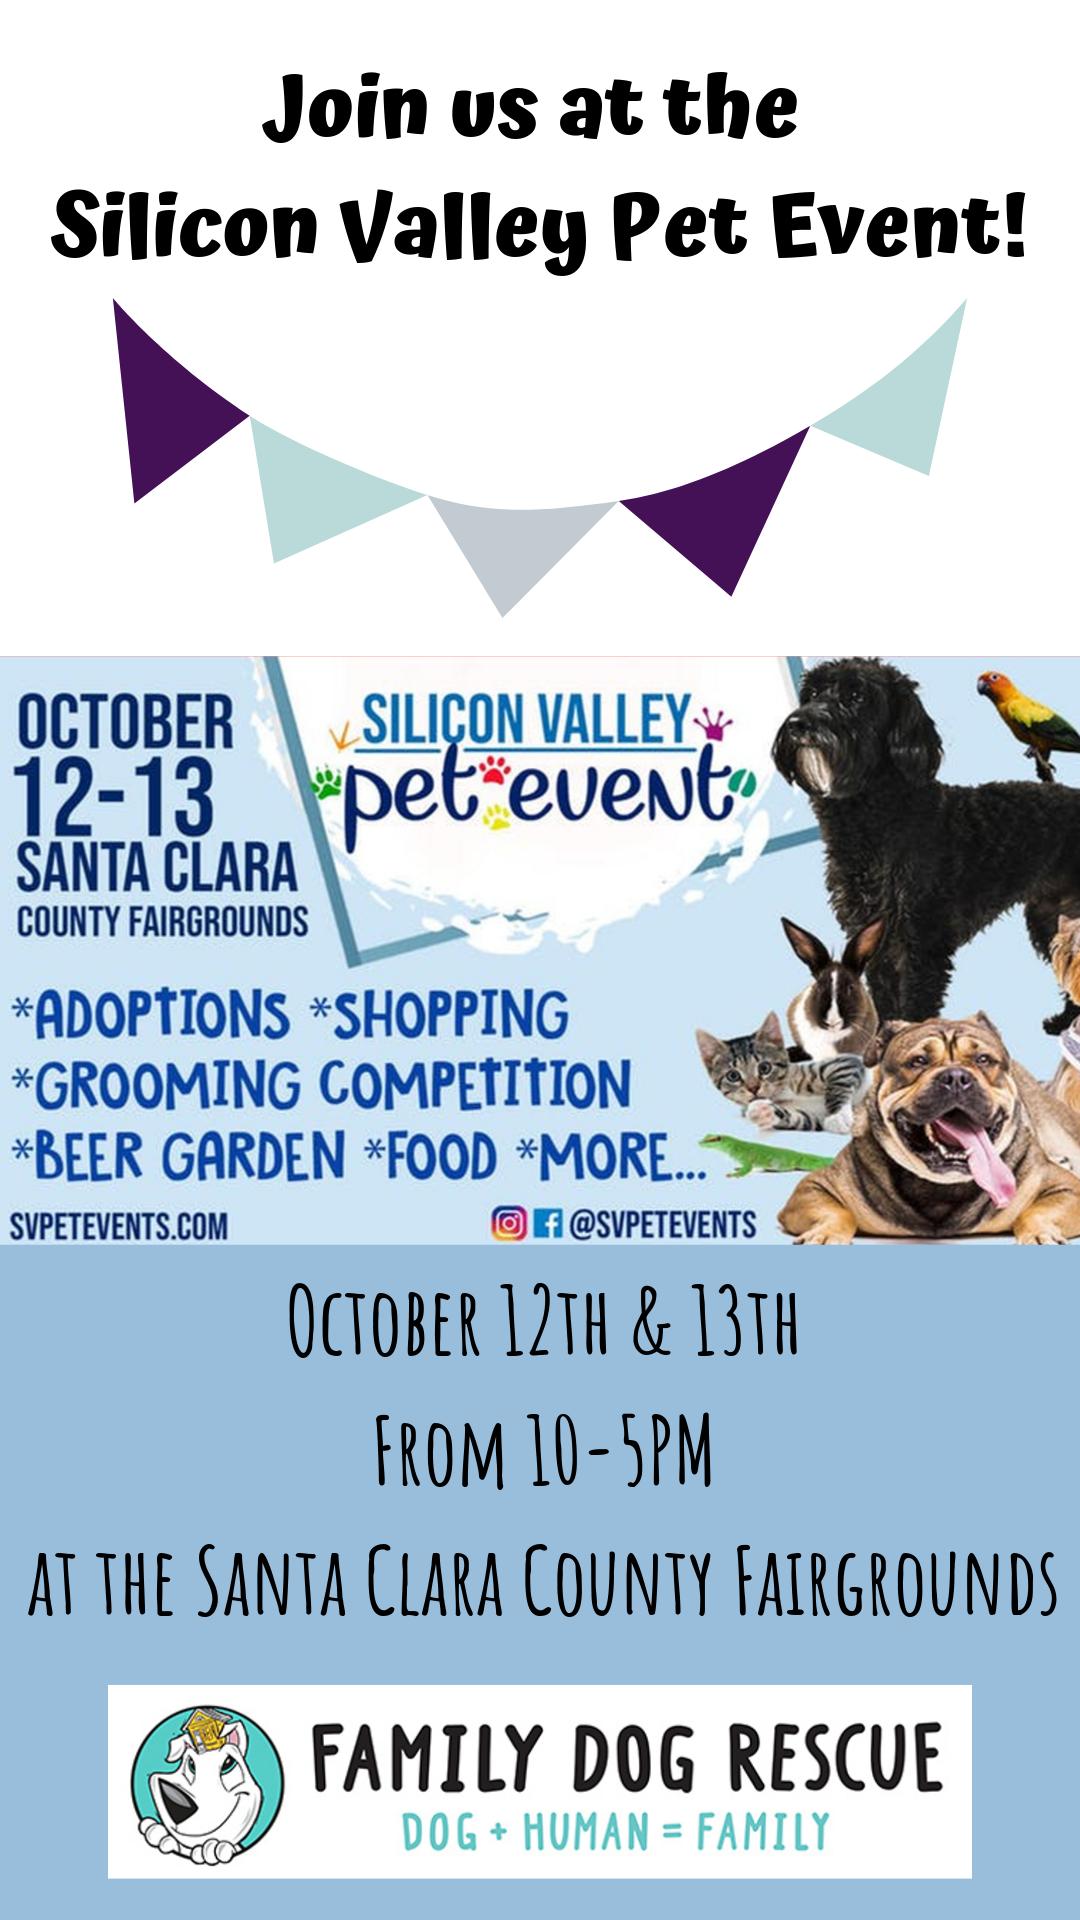 Silicon Valley Pet Event @ Santa Clara County Fairgrounds